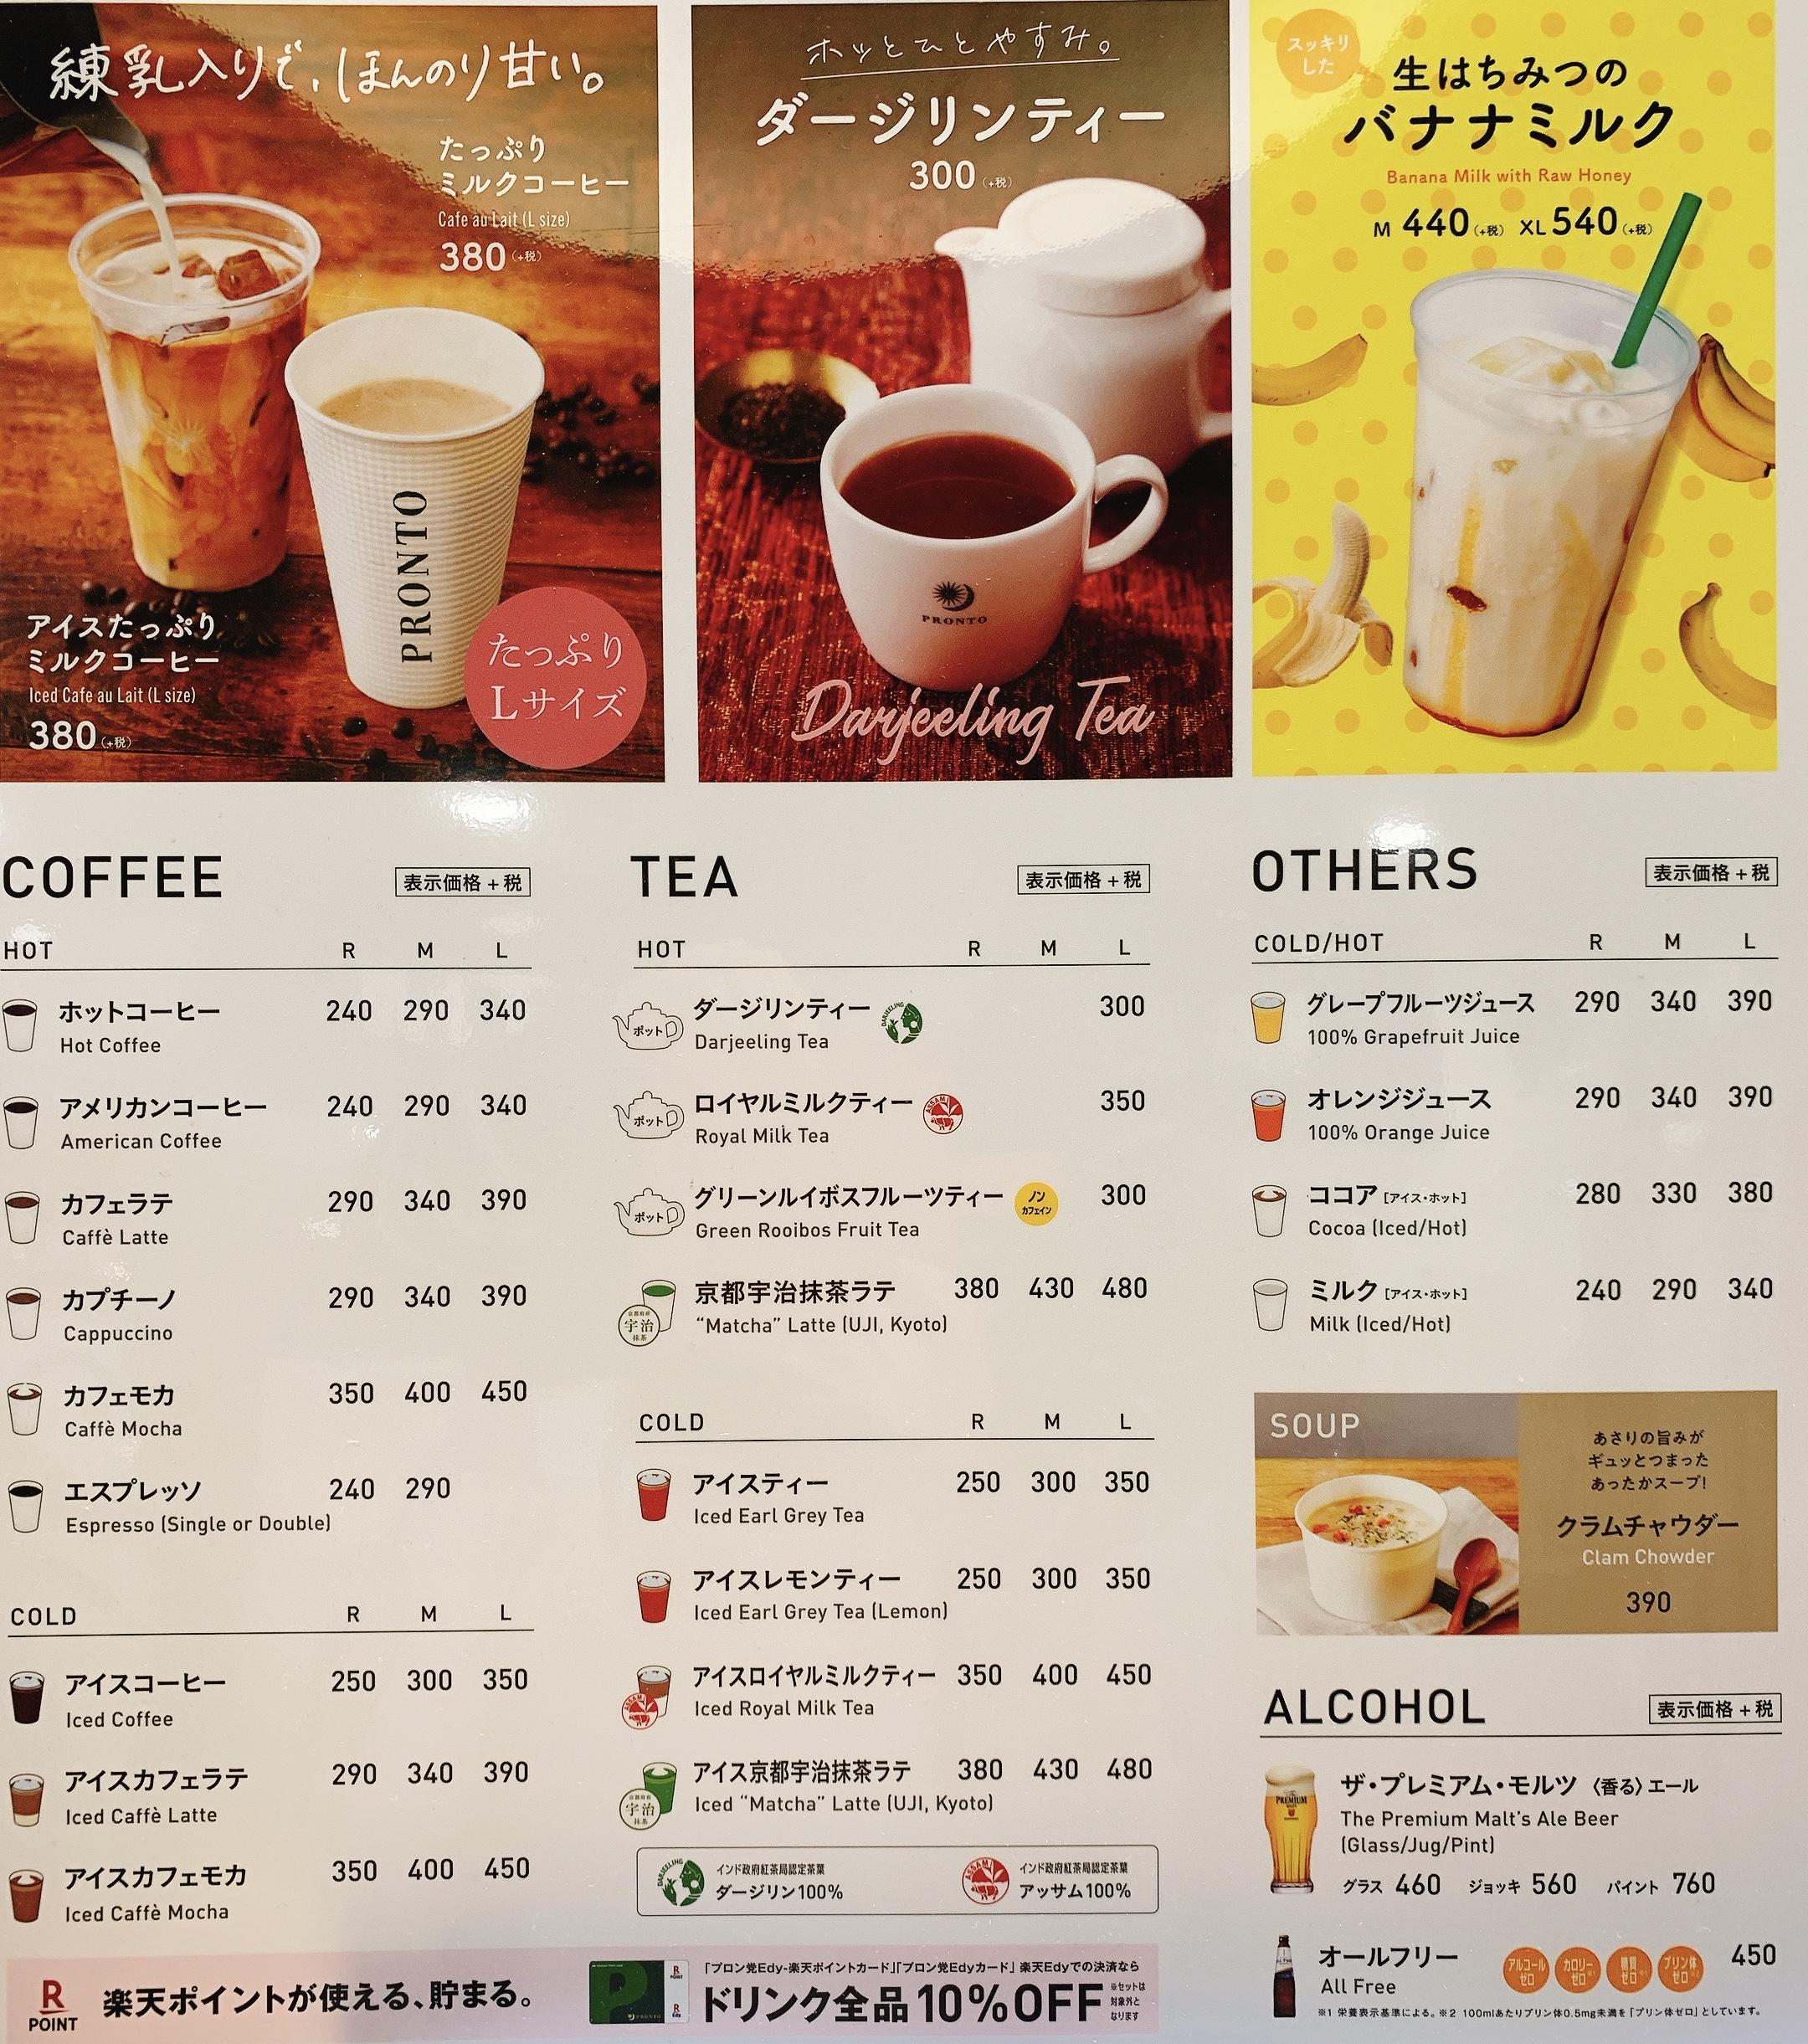 プロントはホットコーヒーのレギュラーサイズが240円(税抜)と意外とリーズナブルな価格帯の商品が多いです。